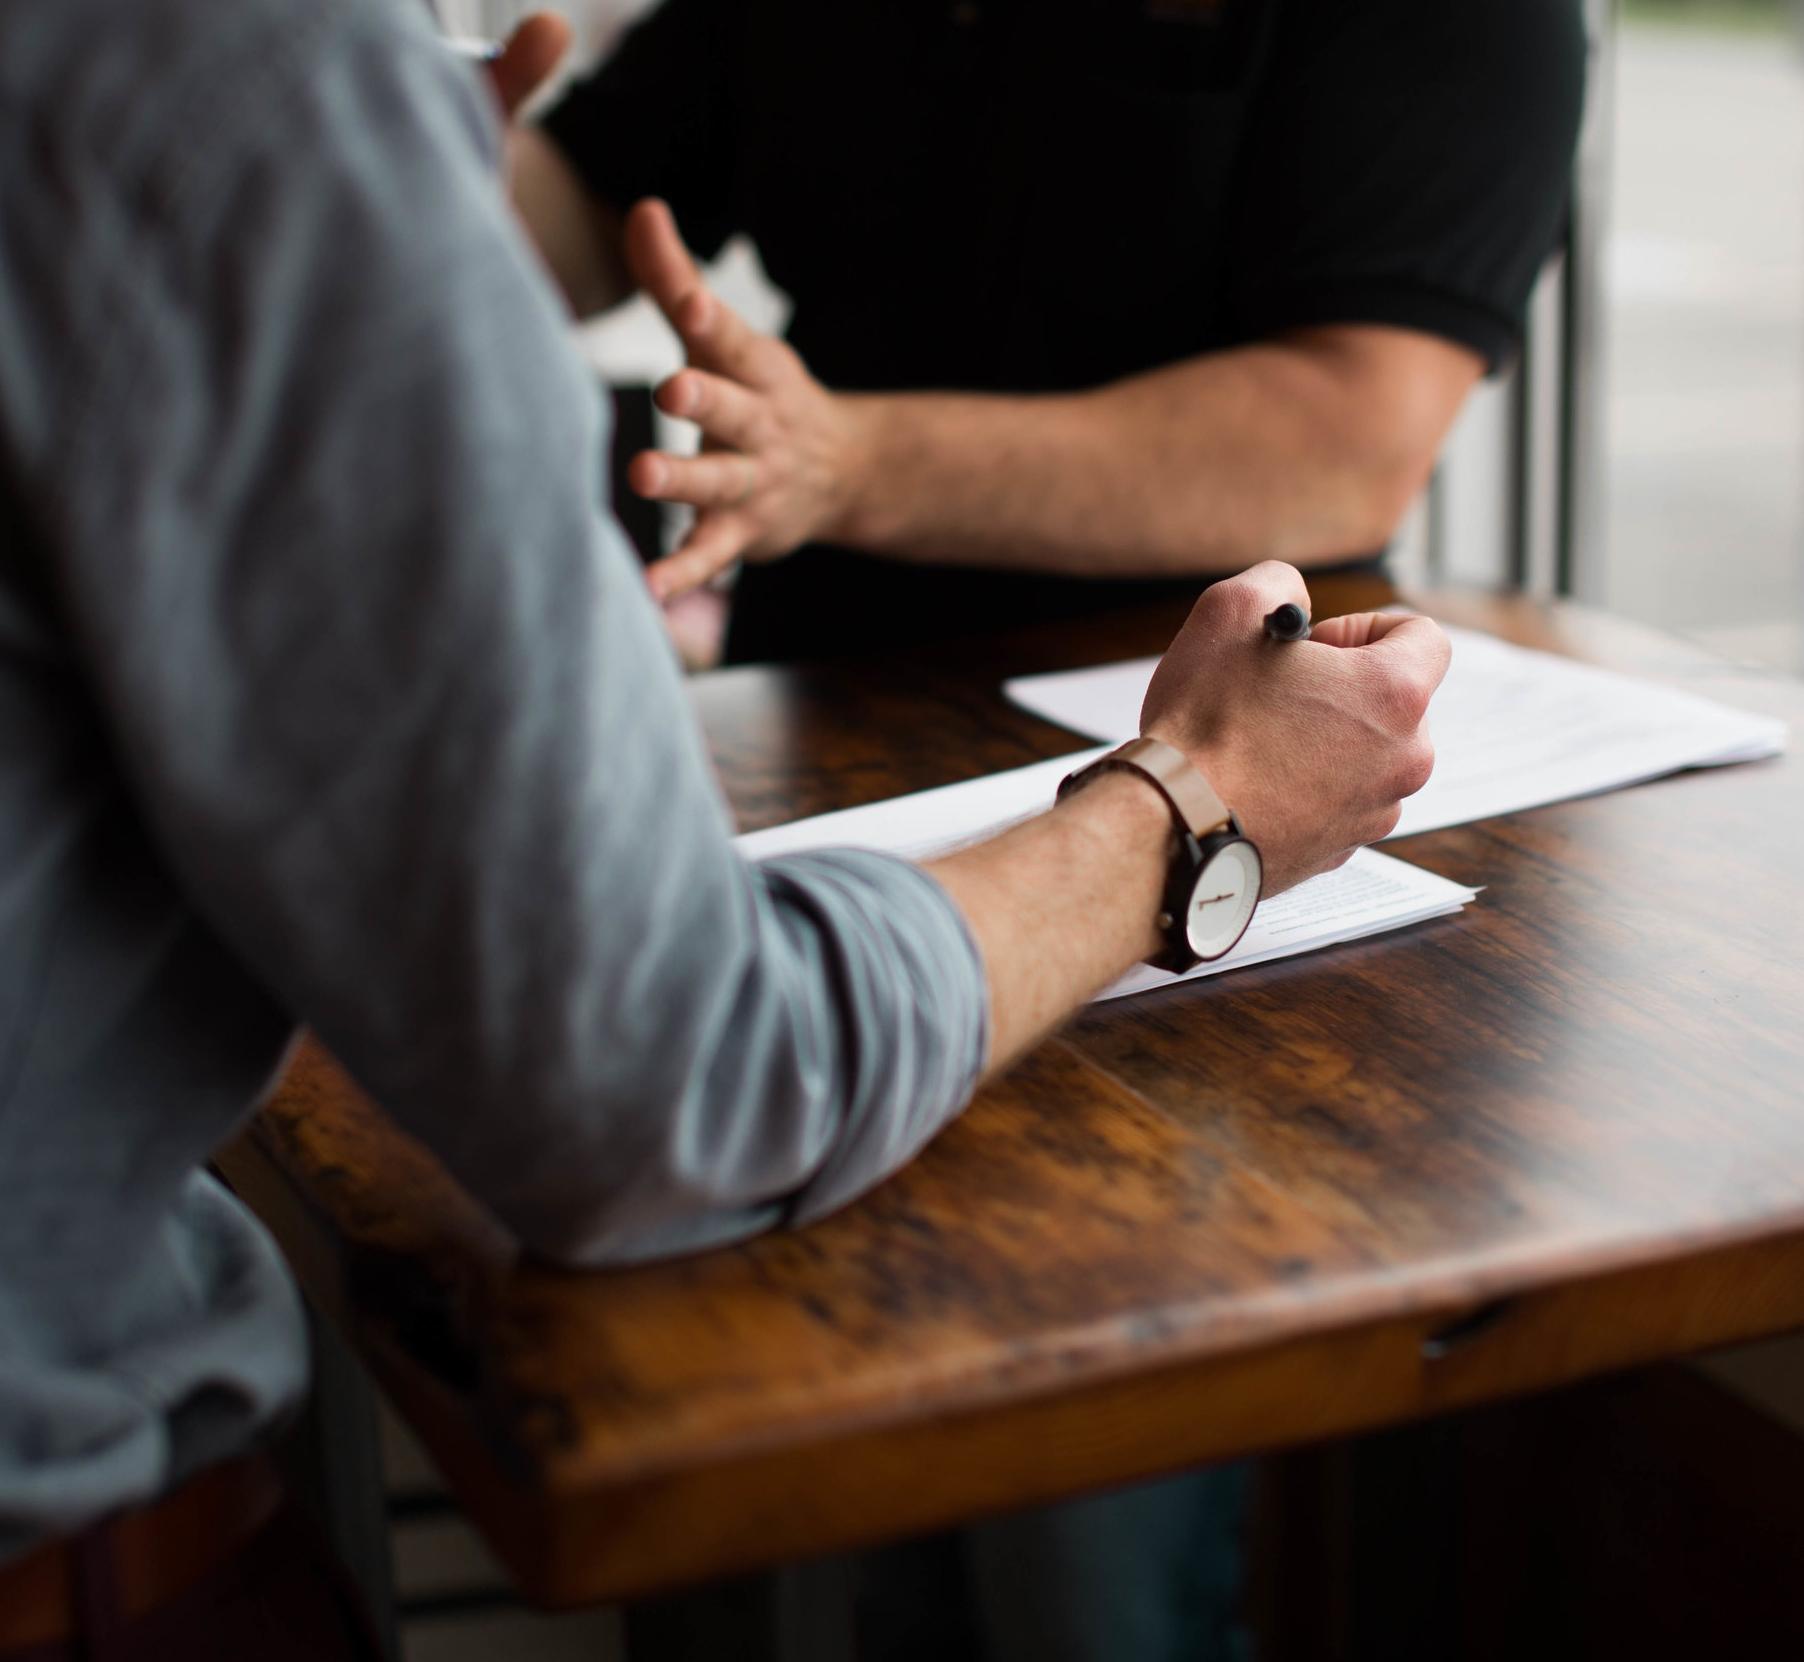 ….CFO på deltid..Part time CFO services…. - ….Er din virksomhed nået til et punkt, hvor I har brug for en CFO til at holde sammen på trådene i økonomiafdelingen?For mange virksomheder i denne situration vil dilemmaet ofte være, at de ikke har behov for en CFO på fuldtid. Og at en dygtig CFO vil udgøre en væsentlig lønudgift for virksomhedenSumm har svaret på dette dilemma.Hos os kan du få en erfaren CFO på deltid, så du kan få CFO services på højeste niveau uden at have den tunge lønudgift ved at have en CFO på fuldtid.En CFO fra Summ vil effektivt optimere din økonomifunktion, så du vil opleve en strømlinet økonomifunktion med al den kyndige rådgivning, som du måtte behøve.Som CFO tilrettelægger vi opgaverne i samarbejde med dig, så du får en skræddersyet løsning til netop din virksomhed. Det betyder, at du kan spare omkostninger ved en fuldtids-CFO, mens du kan nyde godt af rådgivning, rapportering, styring og optimering fra en CFO på højeste niveau...Has your company reached a point where a CFO is a necessity to keep your financial department running smoothly?For a lot of companies in this situation, the dilemma is often that they don't need a CFO working full-time and competent CFOwill often come at a large expense for the companySumm has the answer to this issue.With Summ you can get an experienced CFO, working part-time, which gives you the benefits of highly qualified CFO without the full-time expense.A CFO from Summ will efficiently optimize your finance function in the company, leaving it more streamlined with all the expert counselling you need.As your CFO we will organize the tasks in collaboration with you, so you receive a tailored solution, made specially for your company. This means you save the expenses of a full-time CFO while enjoying top quality advice, reports, control and optimization from your own part-time CFO….